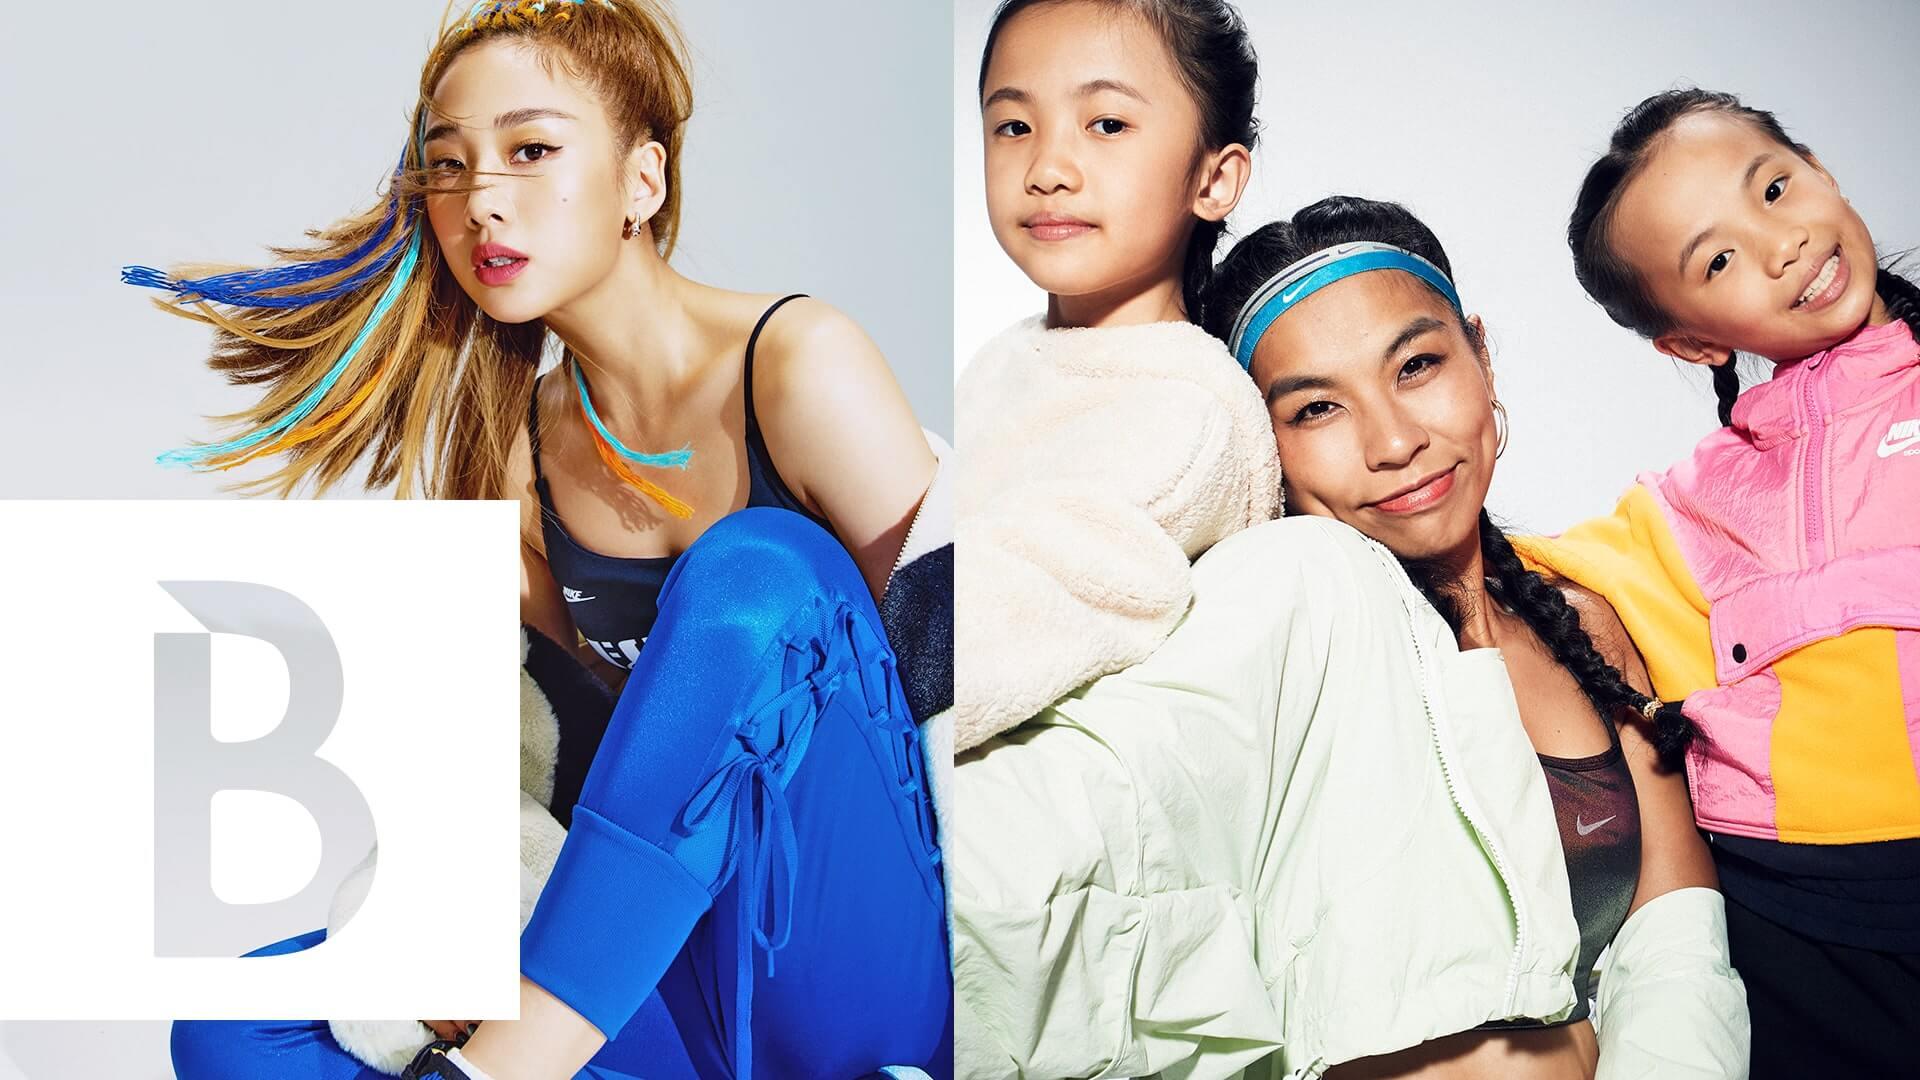 專訪|鬼鬼吳映潔、TBC舞者穿上Nike Blazer跳舞更對味:「享受當下、分享快樂比甚麼都來的重要!」